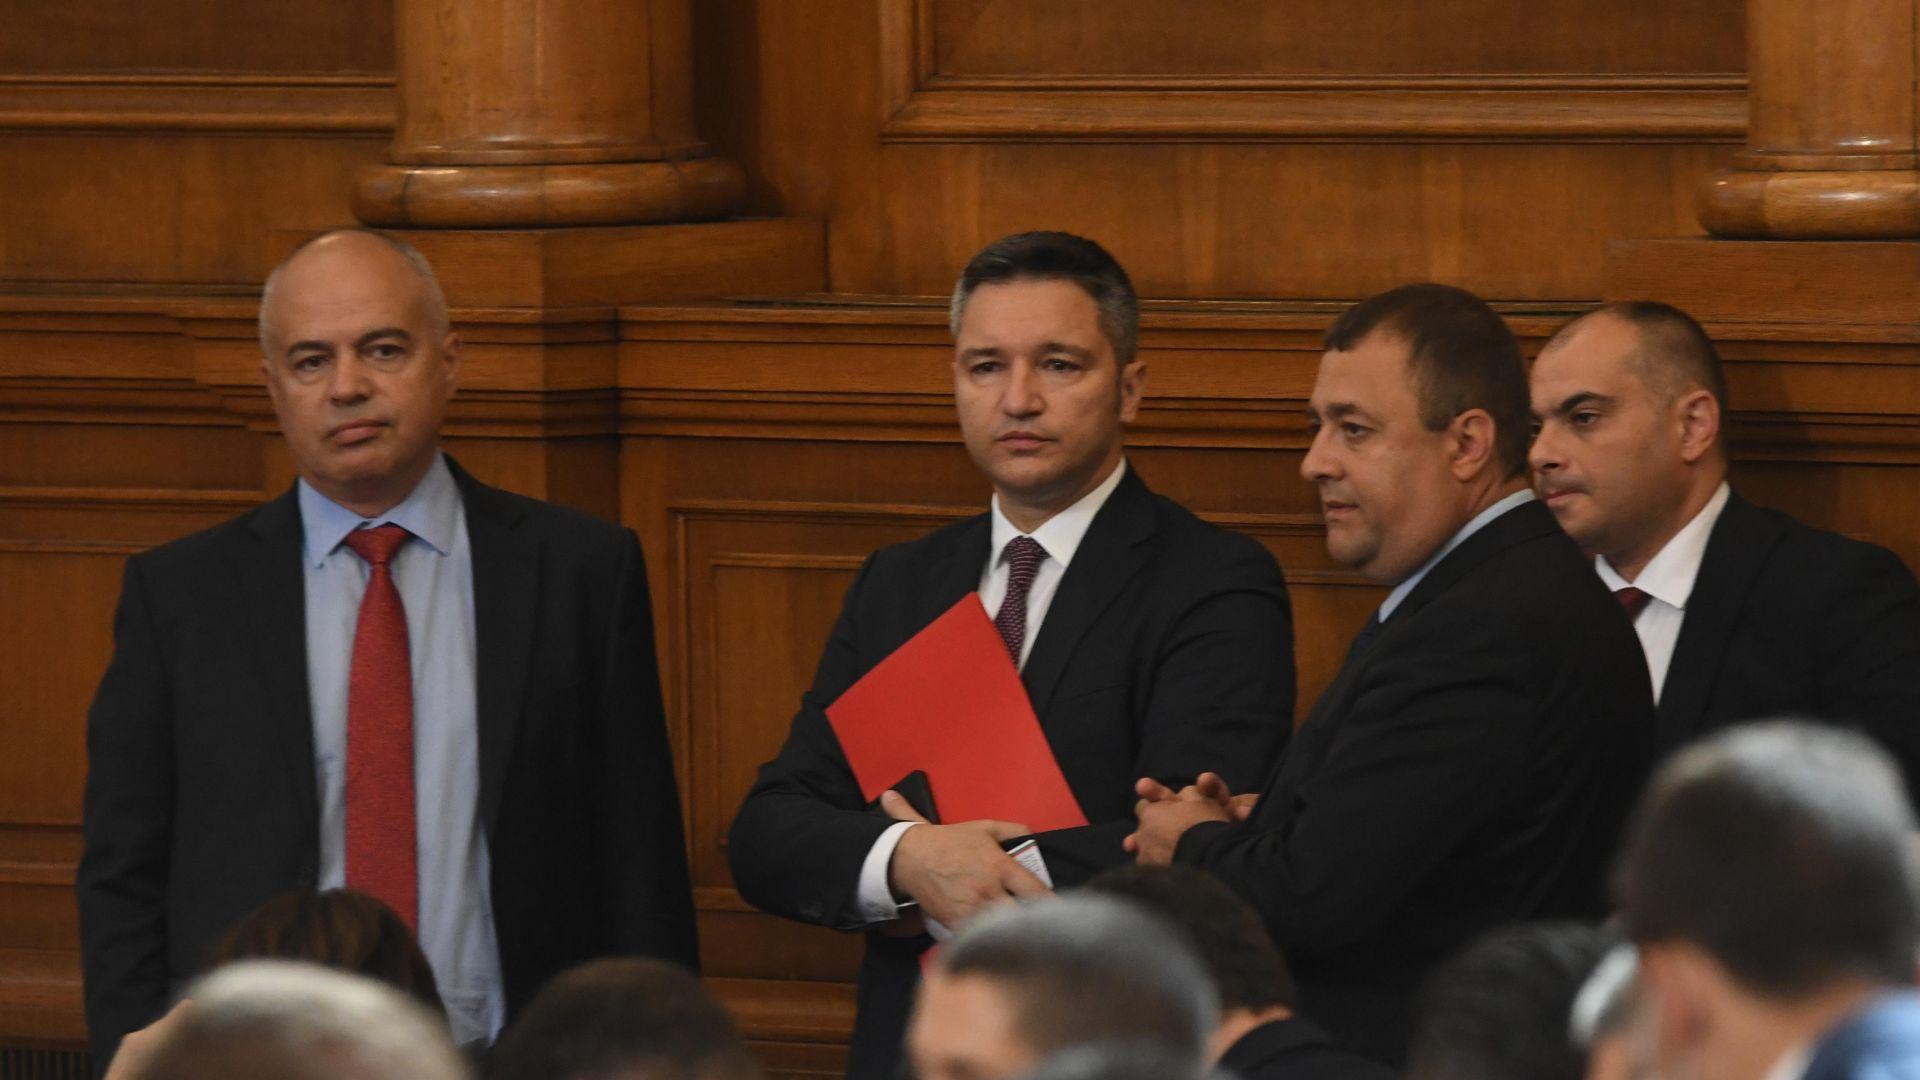 БСП: Румен Радев да каже подкрепя ли новия политически проект на министрите си